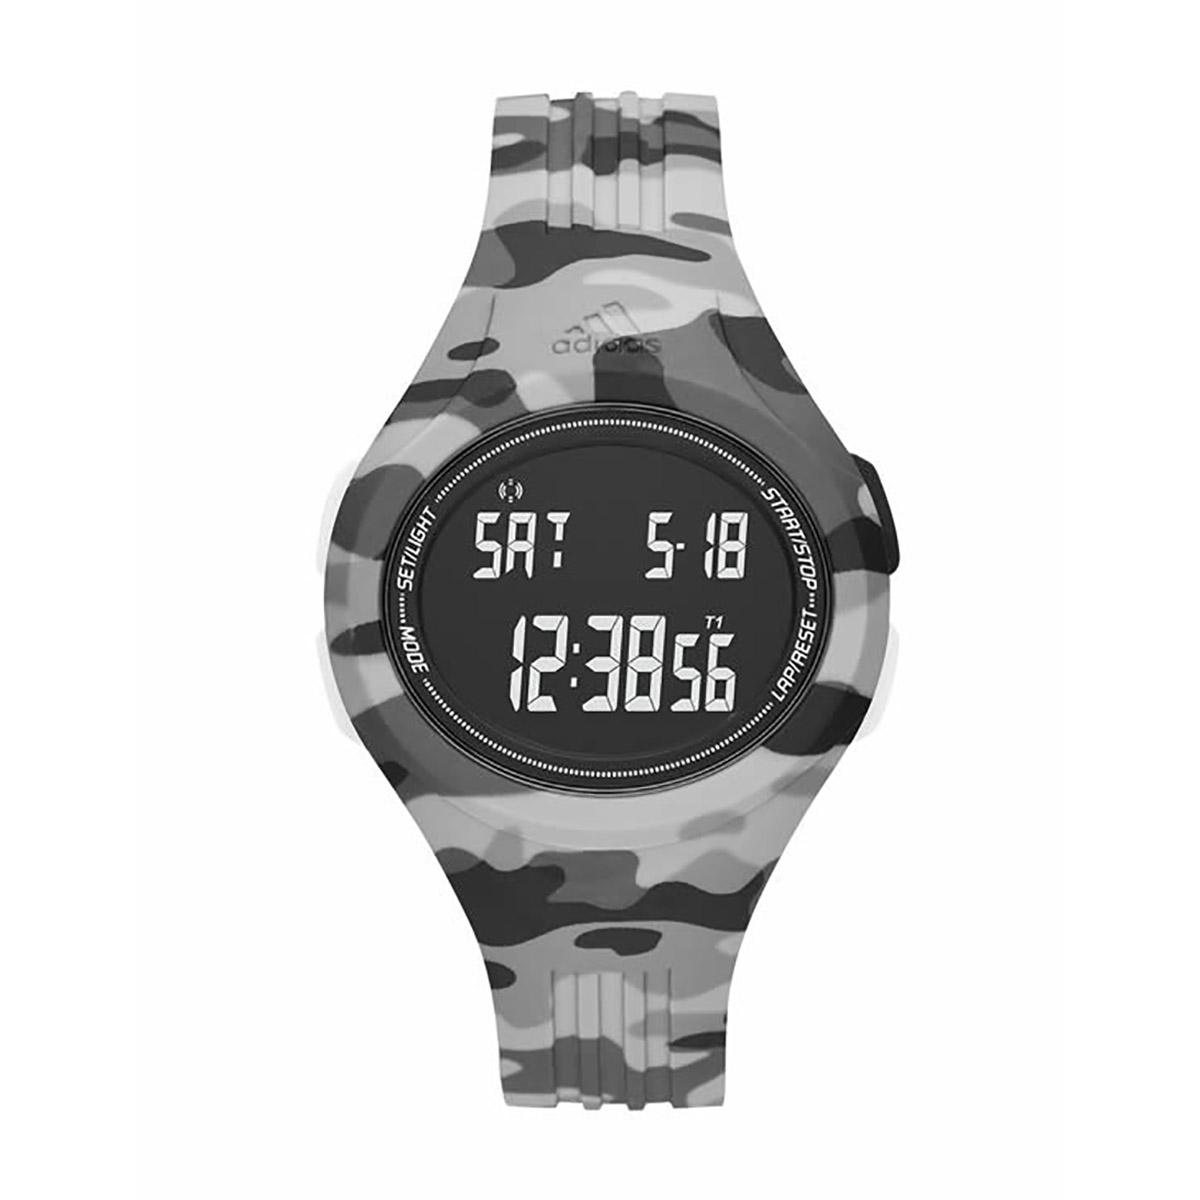 นาฬิกาผู้ชาย Adidas รุ่น ADP3225